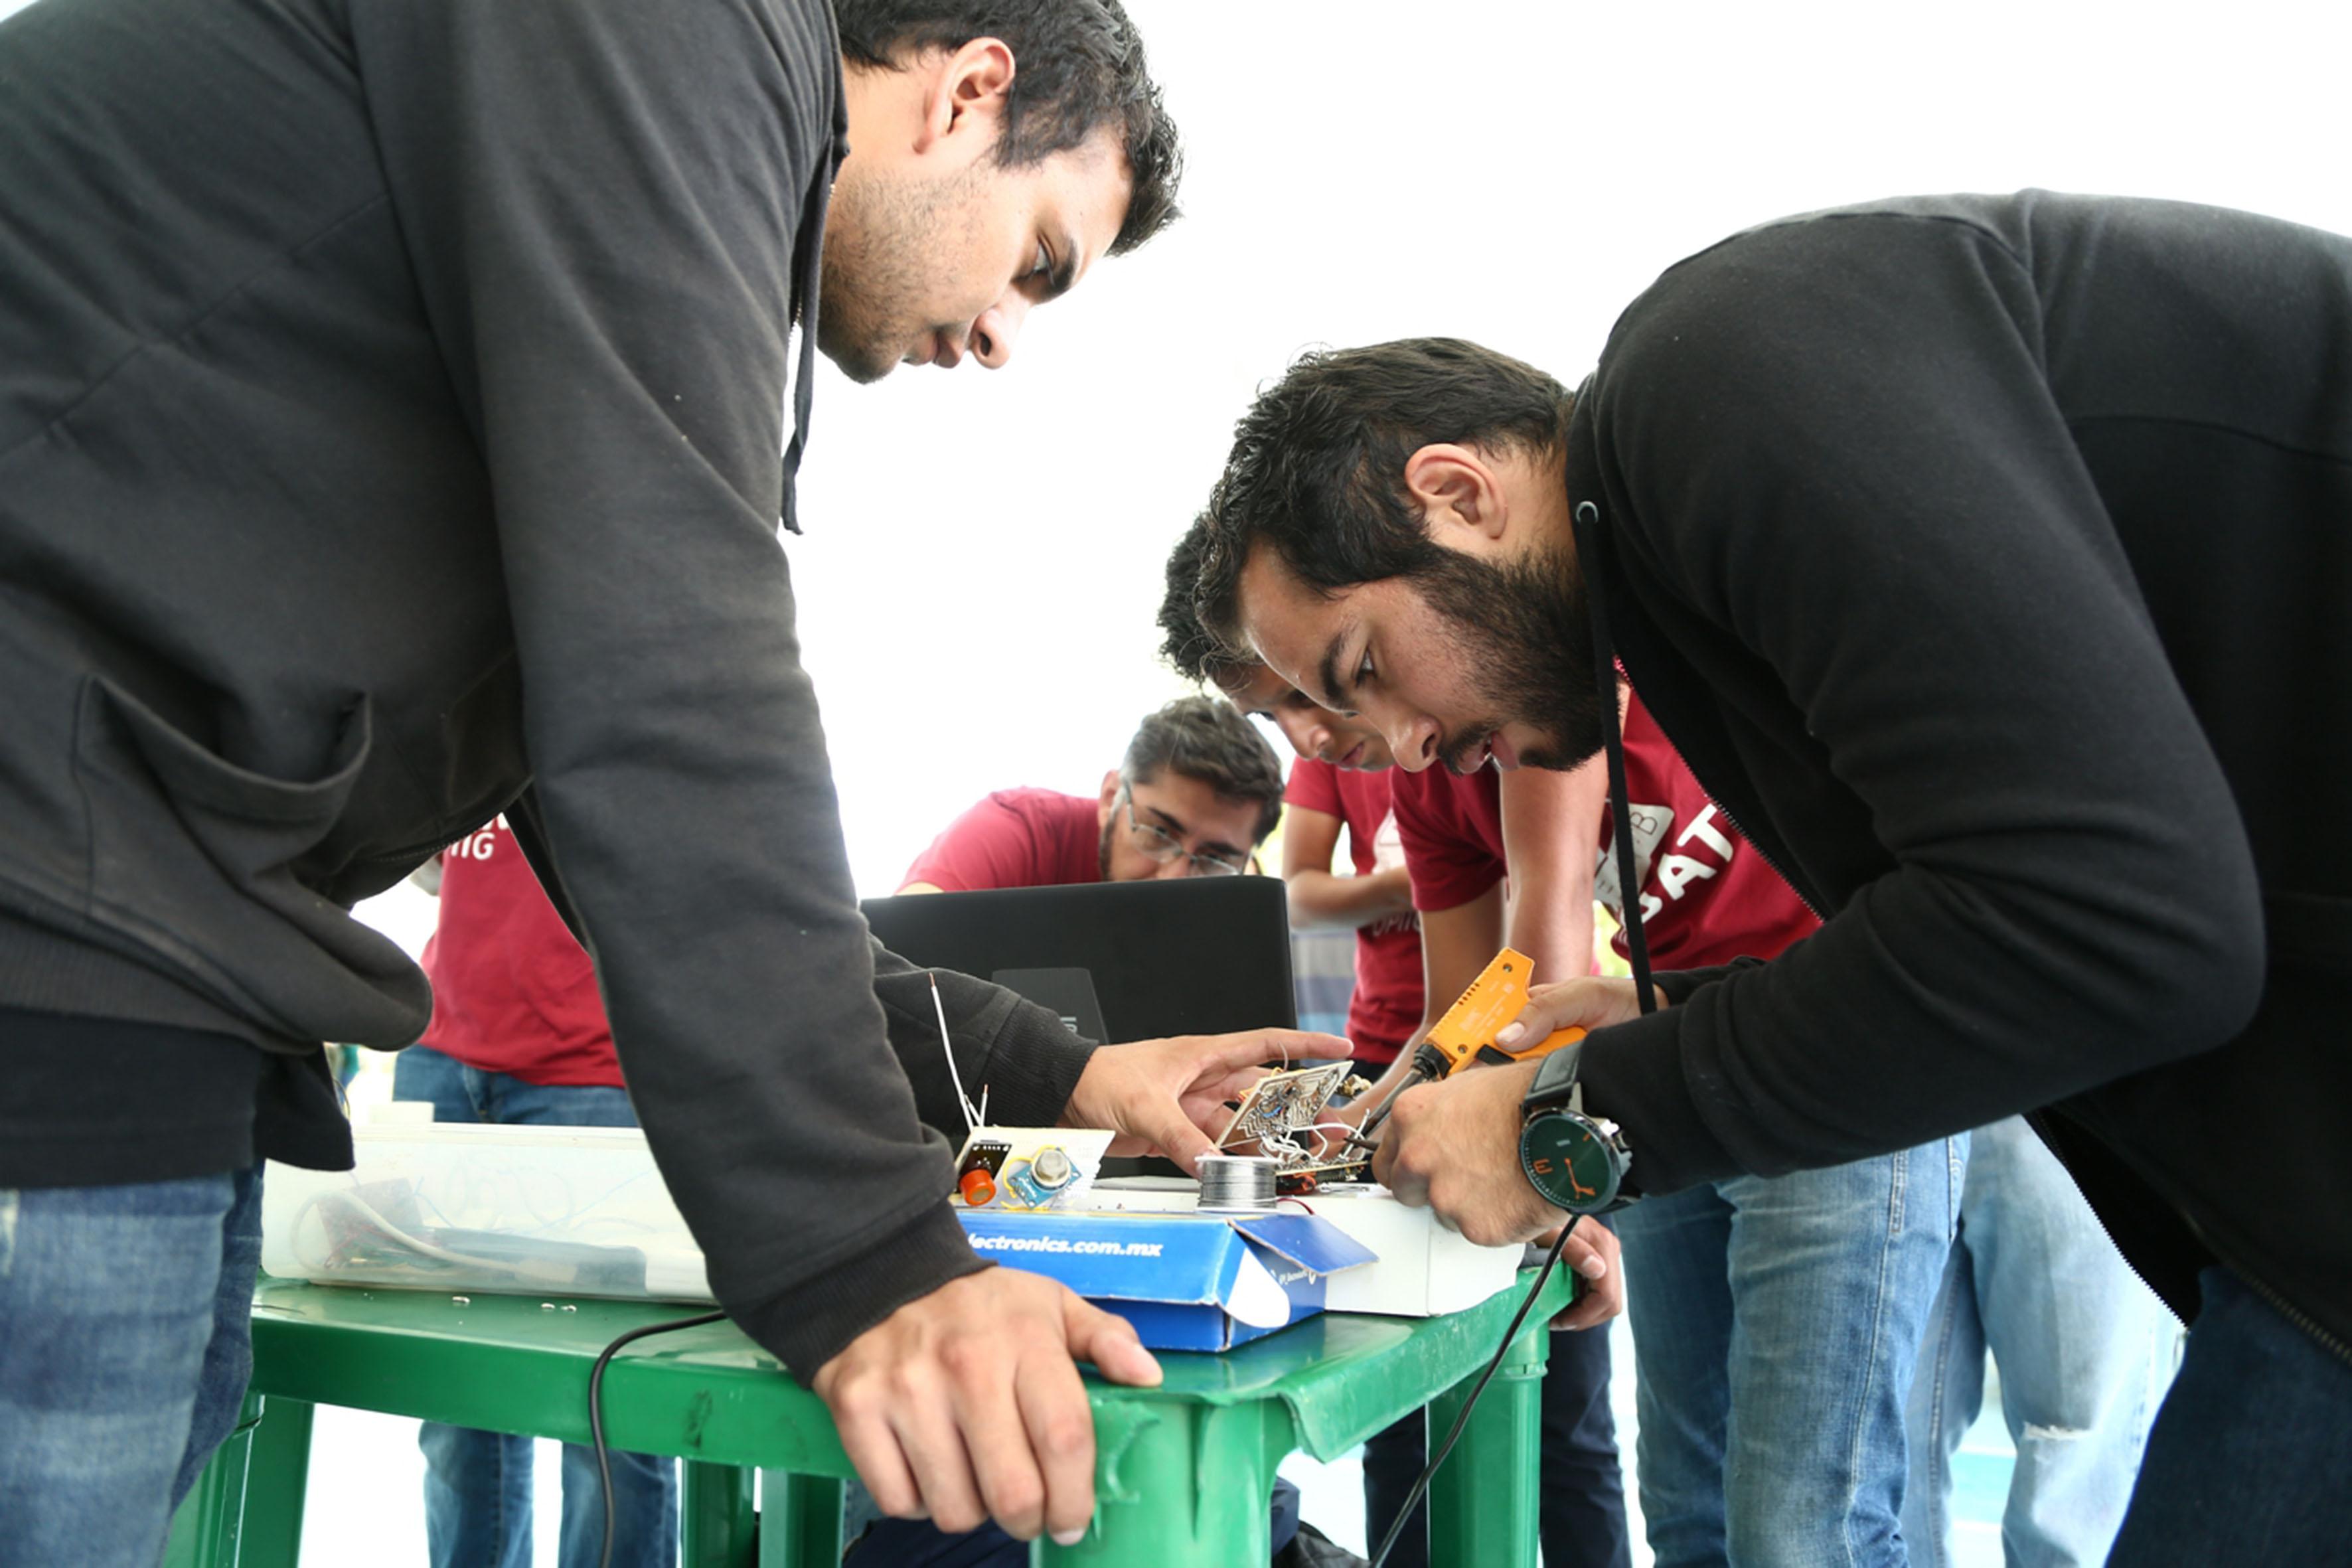 Estudiantes de ingeniería soldando con un cautín, piezas y circuitos para su satélite en miniatura.